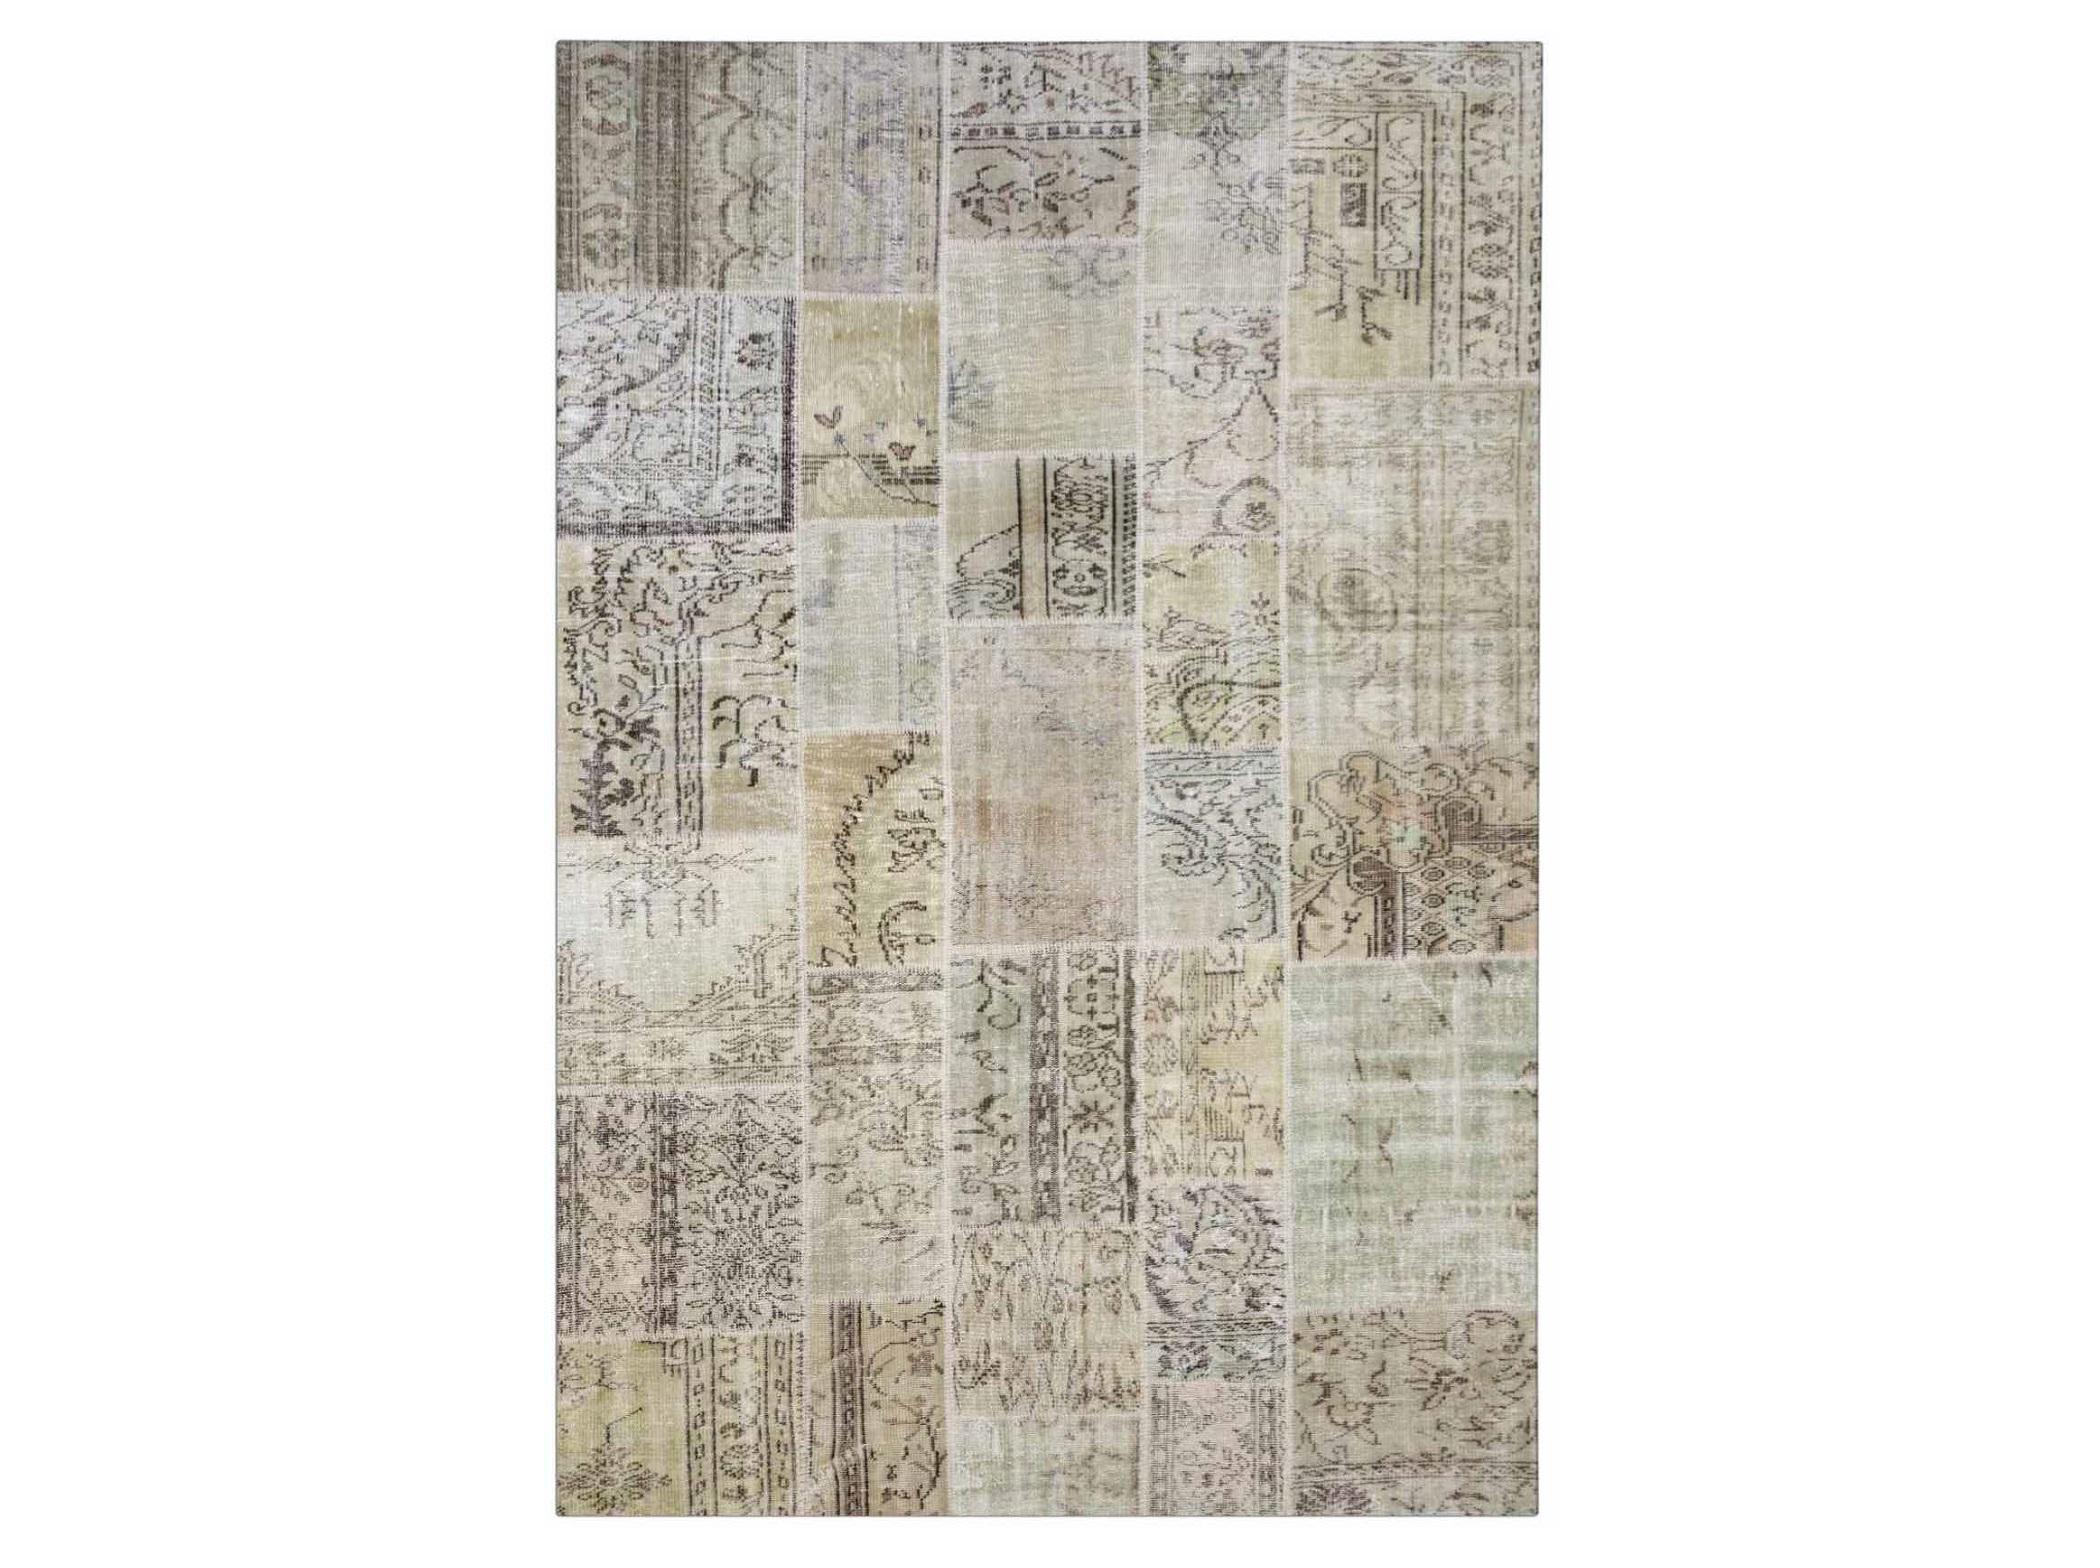 Ковер PatchworkПрямоугольные ковры<br>Винтажный ковер ручной работы в стиле пэчворк <br>из 100% шерсти. Ковер прекрасно подходит в <br>любые современные и классические интерьеры, <br>а благодаря толщине ковра всего 5 мм и отсутствию <br>ворса, его легко чистить любыми видами пылесосов. <br>Этот настоящий ковер ручной работы не потеряет <br>своих красок и будет служить десятилетия.<br><br>kit: None<br>gender: None